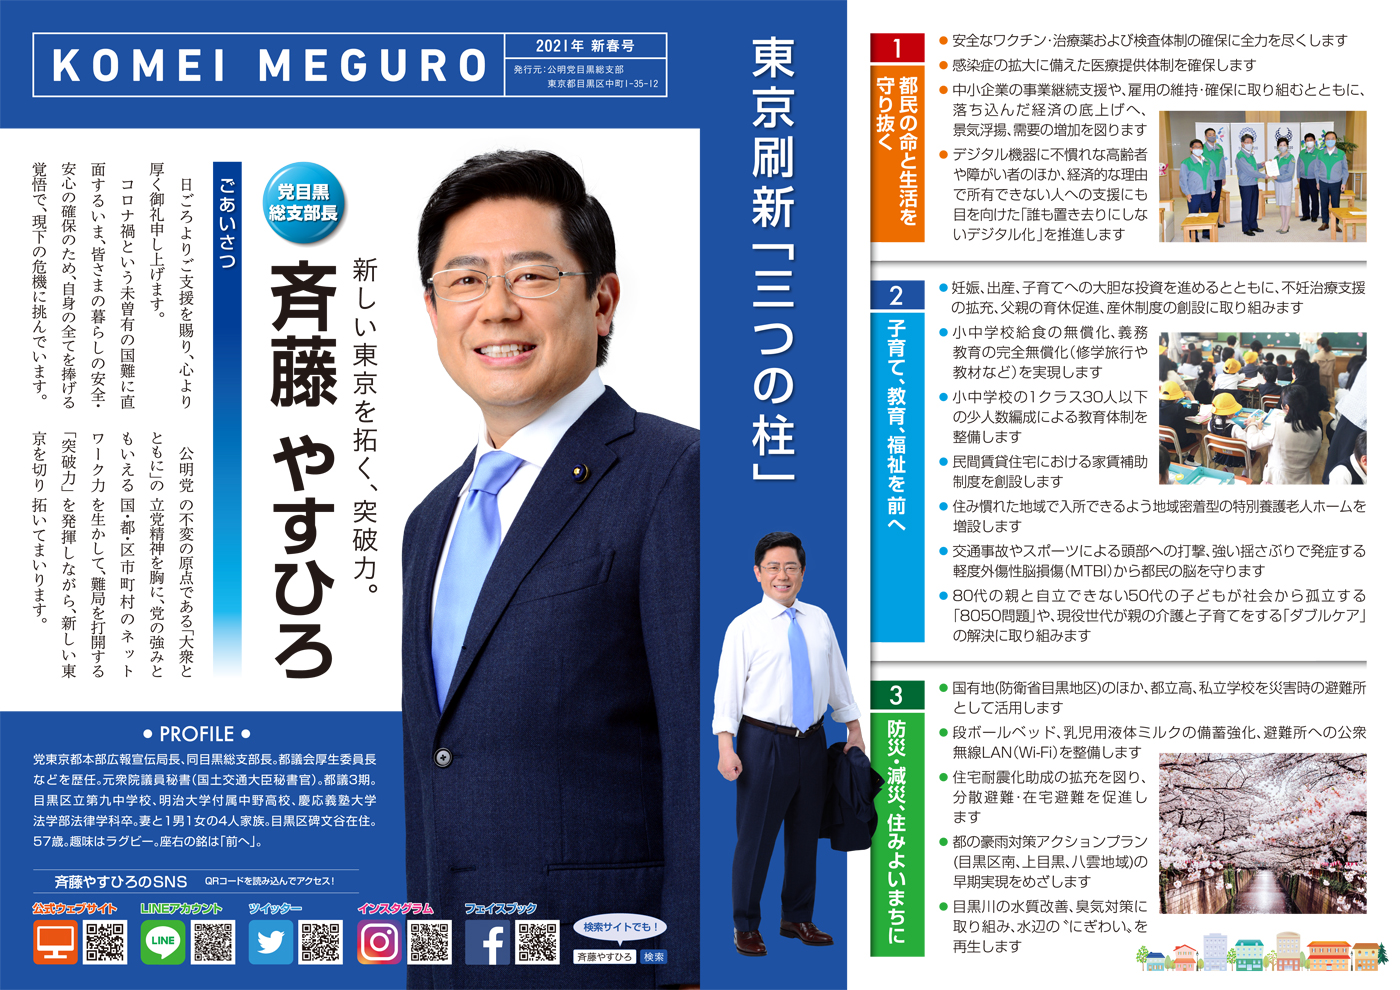 KOMEI_MEGURO表